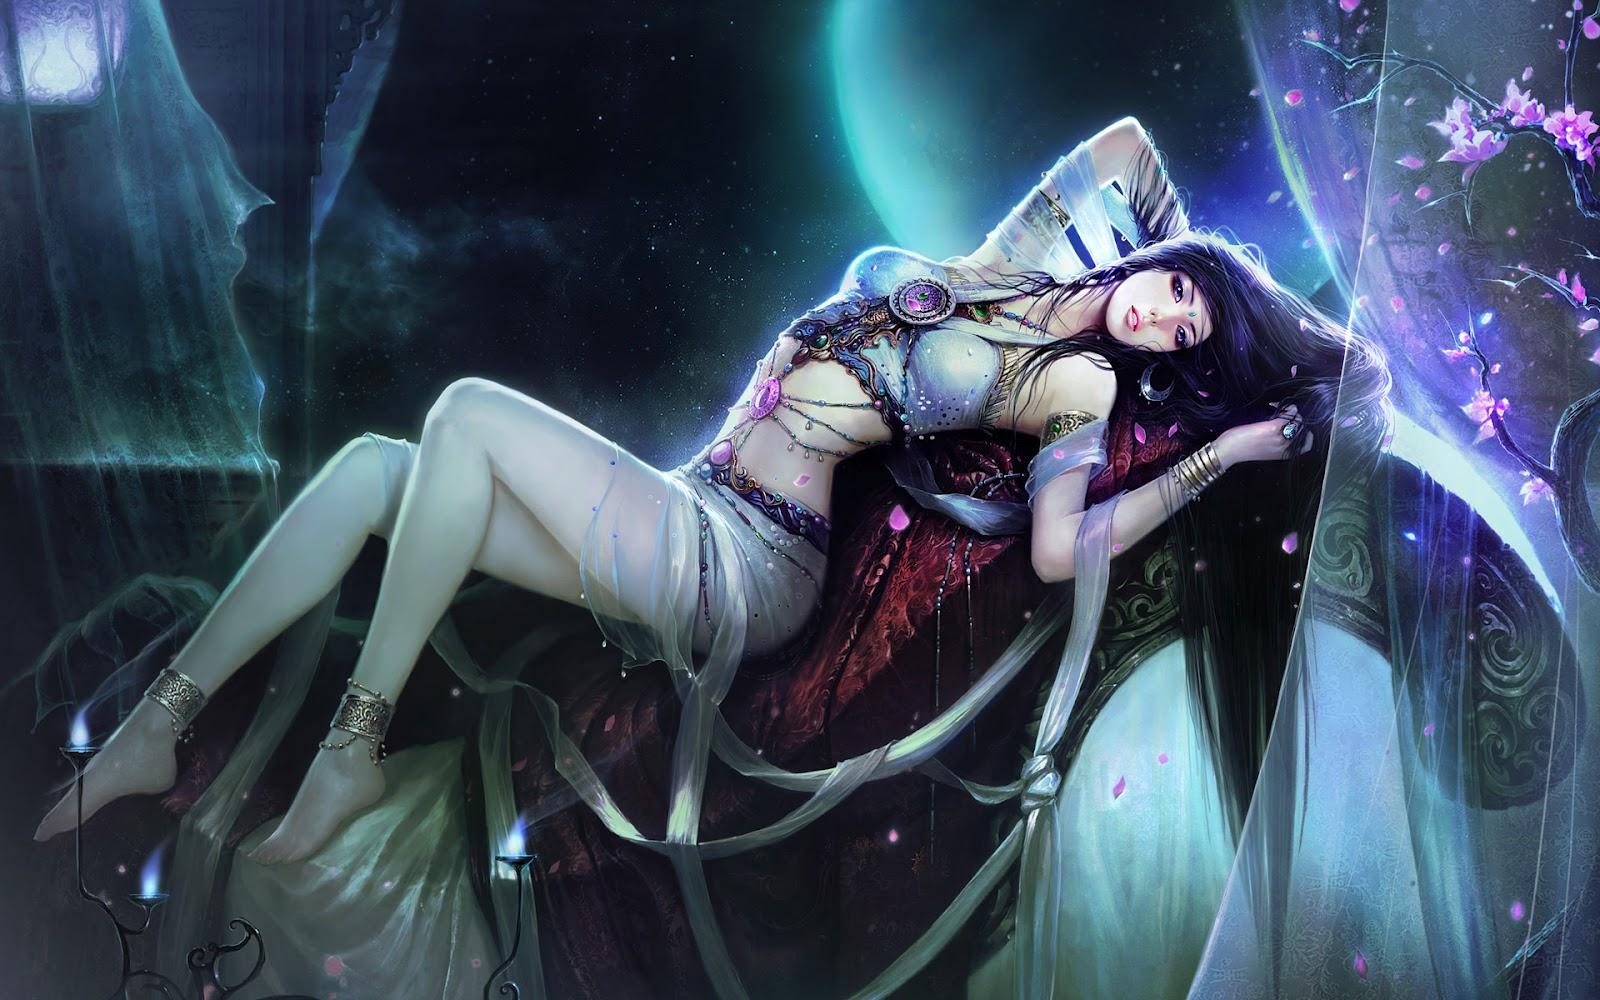 http://1.bp.blogspot.com/-xGaQMr-SFgI/Tz-j0GmjrsI/AAAAAAAAA50/6chSVNyLpvA/s1600/beautiful_fantasy_girl-wide.jpg